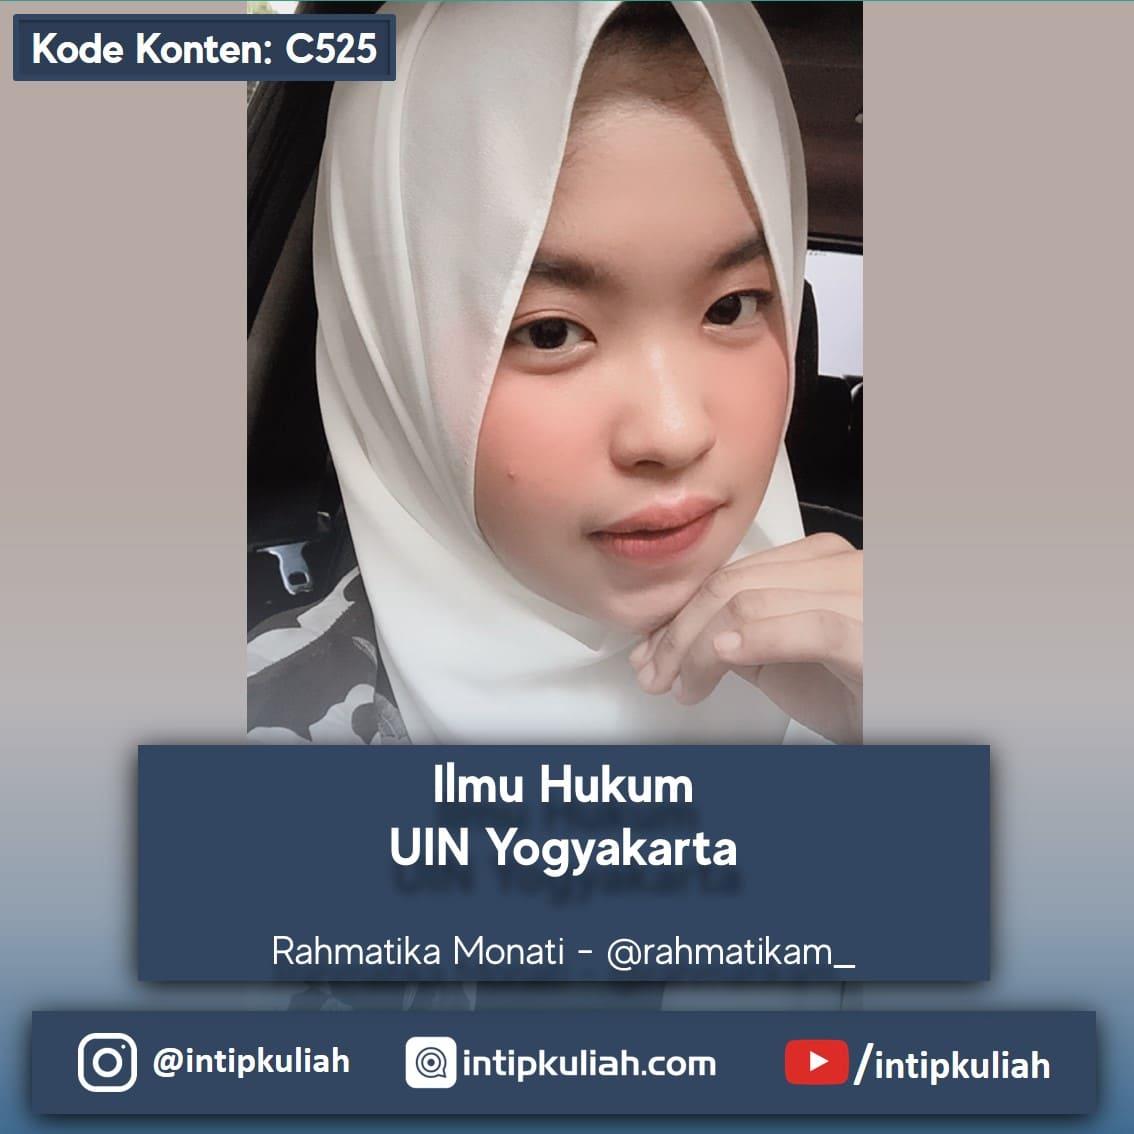 Ilmu Hukum UIN Yogyakarta (Mona)